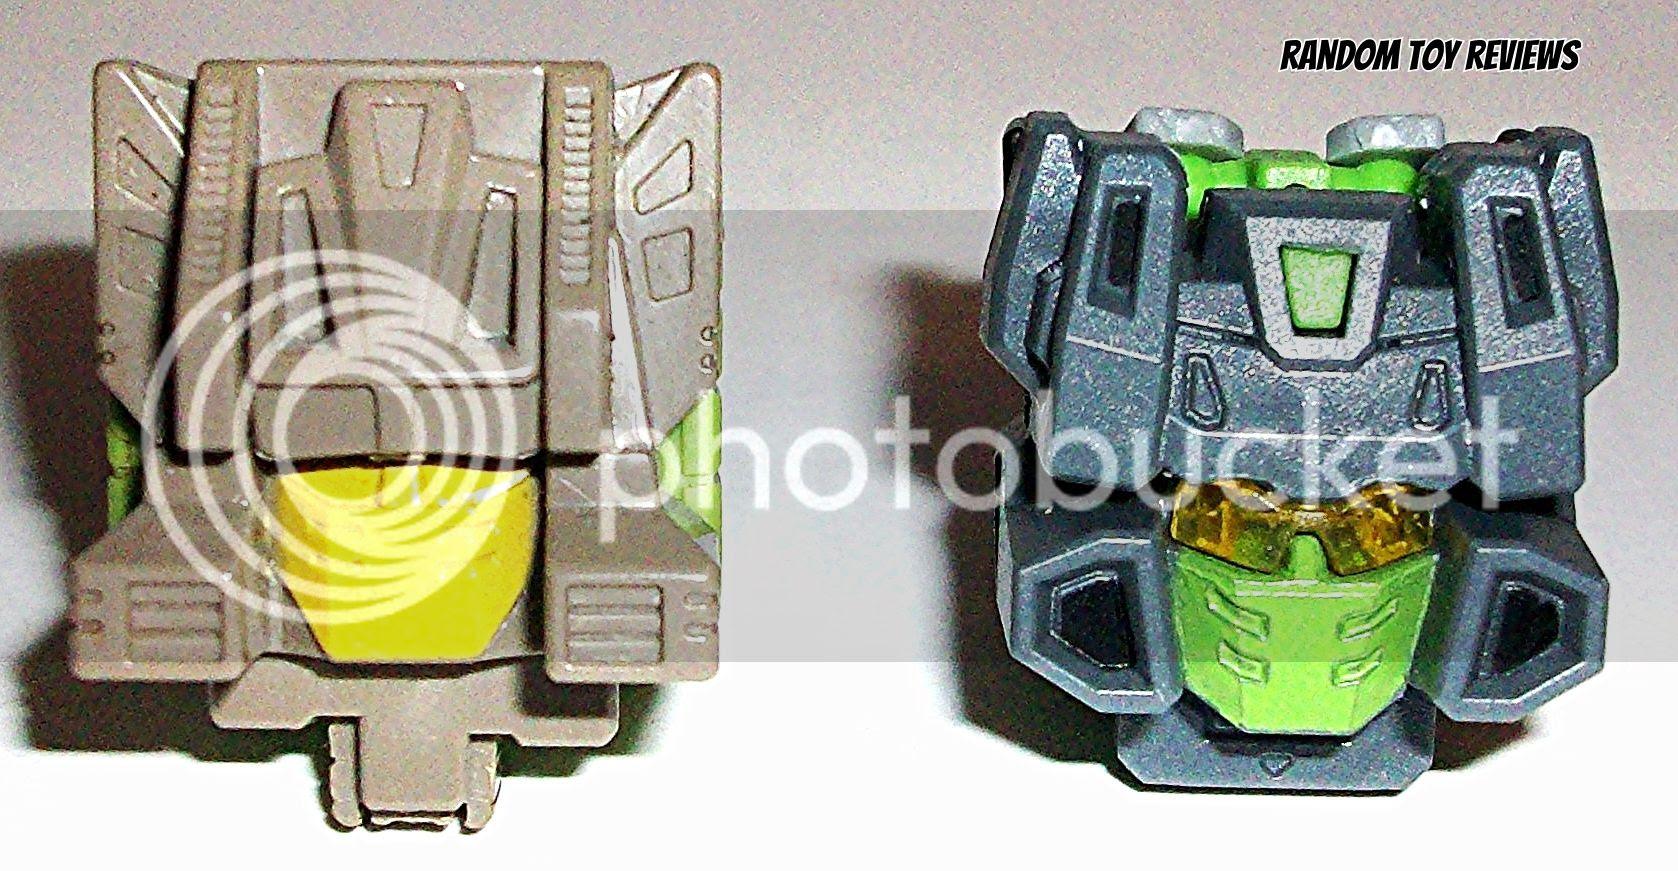 Hardbone photo 052_zps133a6be5.jpg